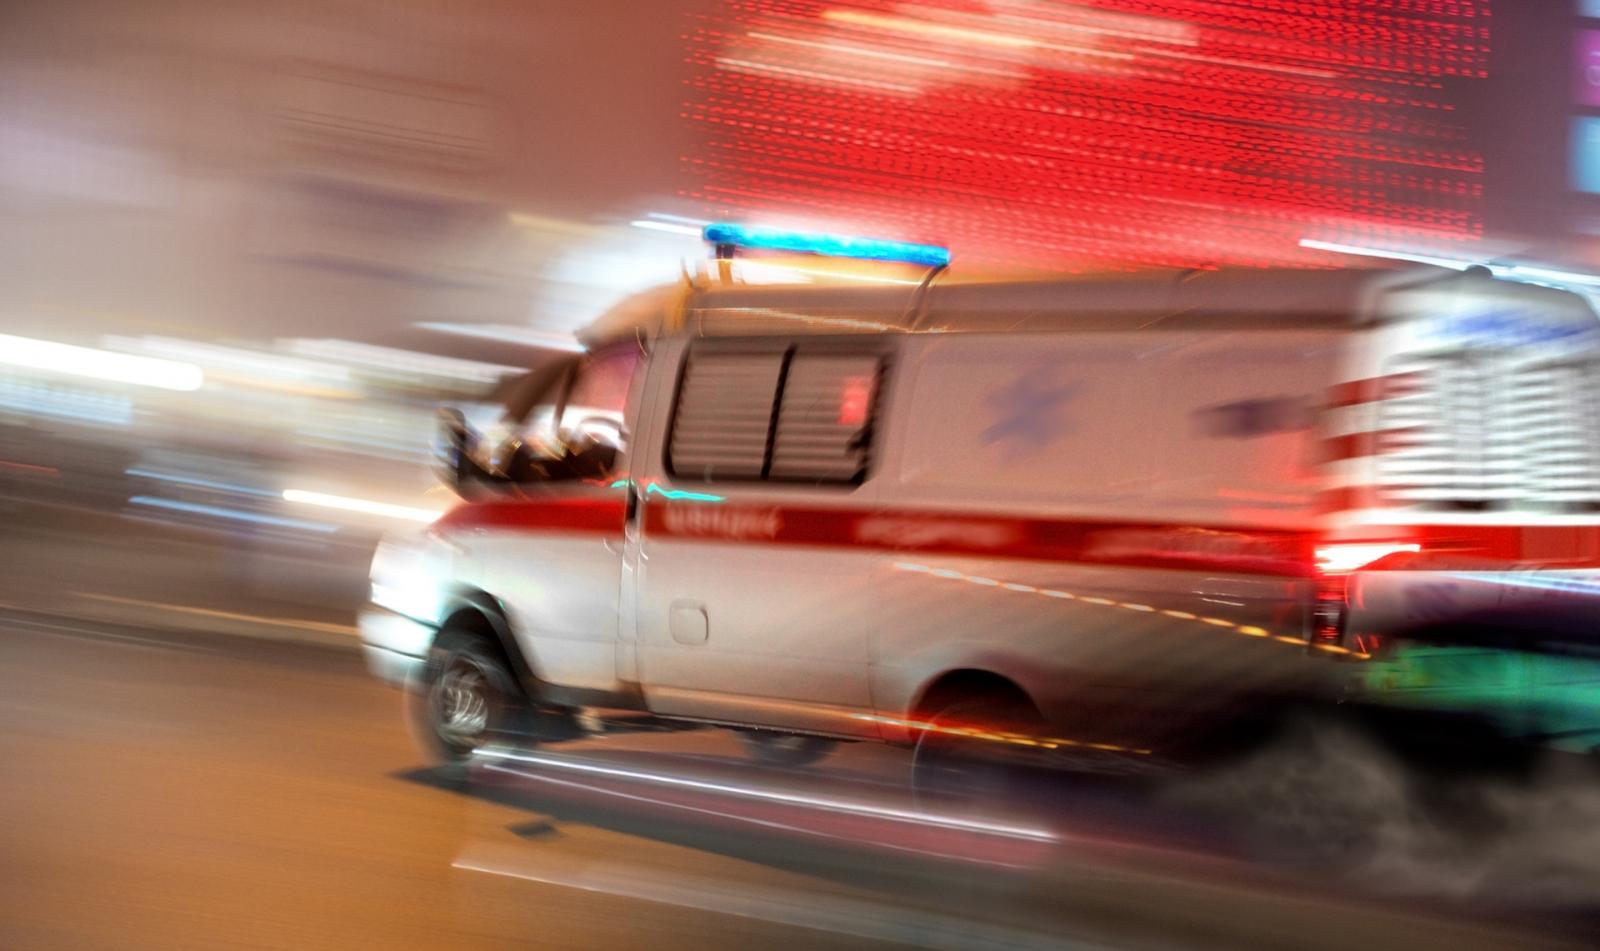 У погибшего в ДТП 22-летнего водителя нашли 80 неоплаченных штрафов